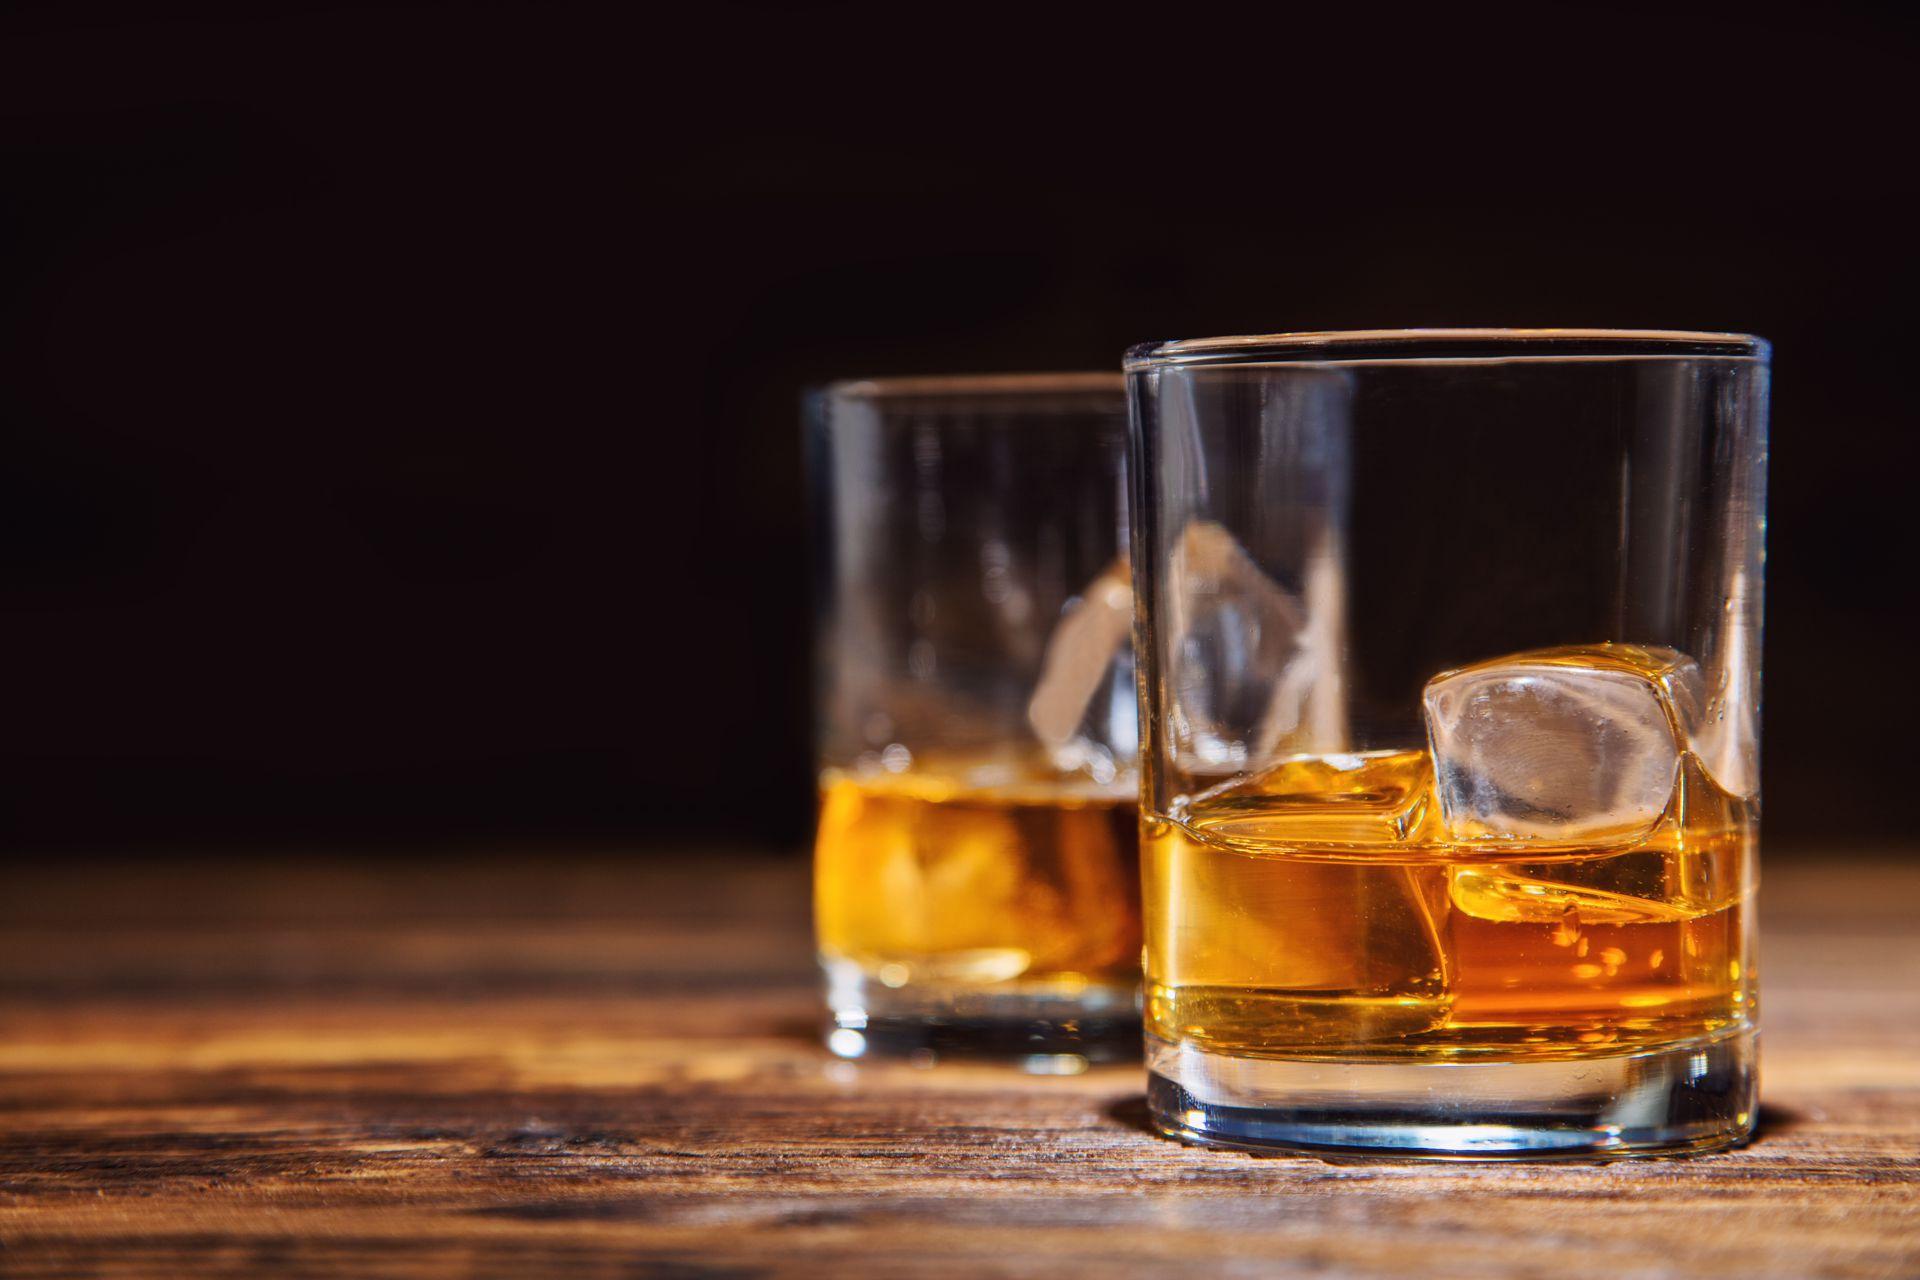 Dranken - Alcoholisch